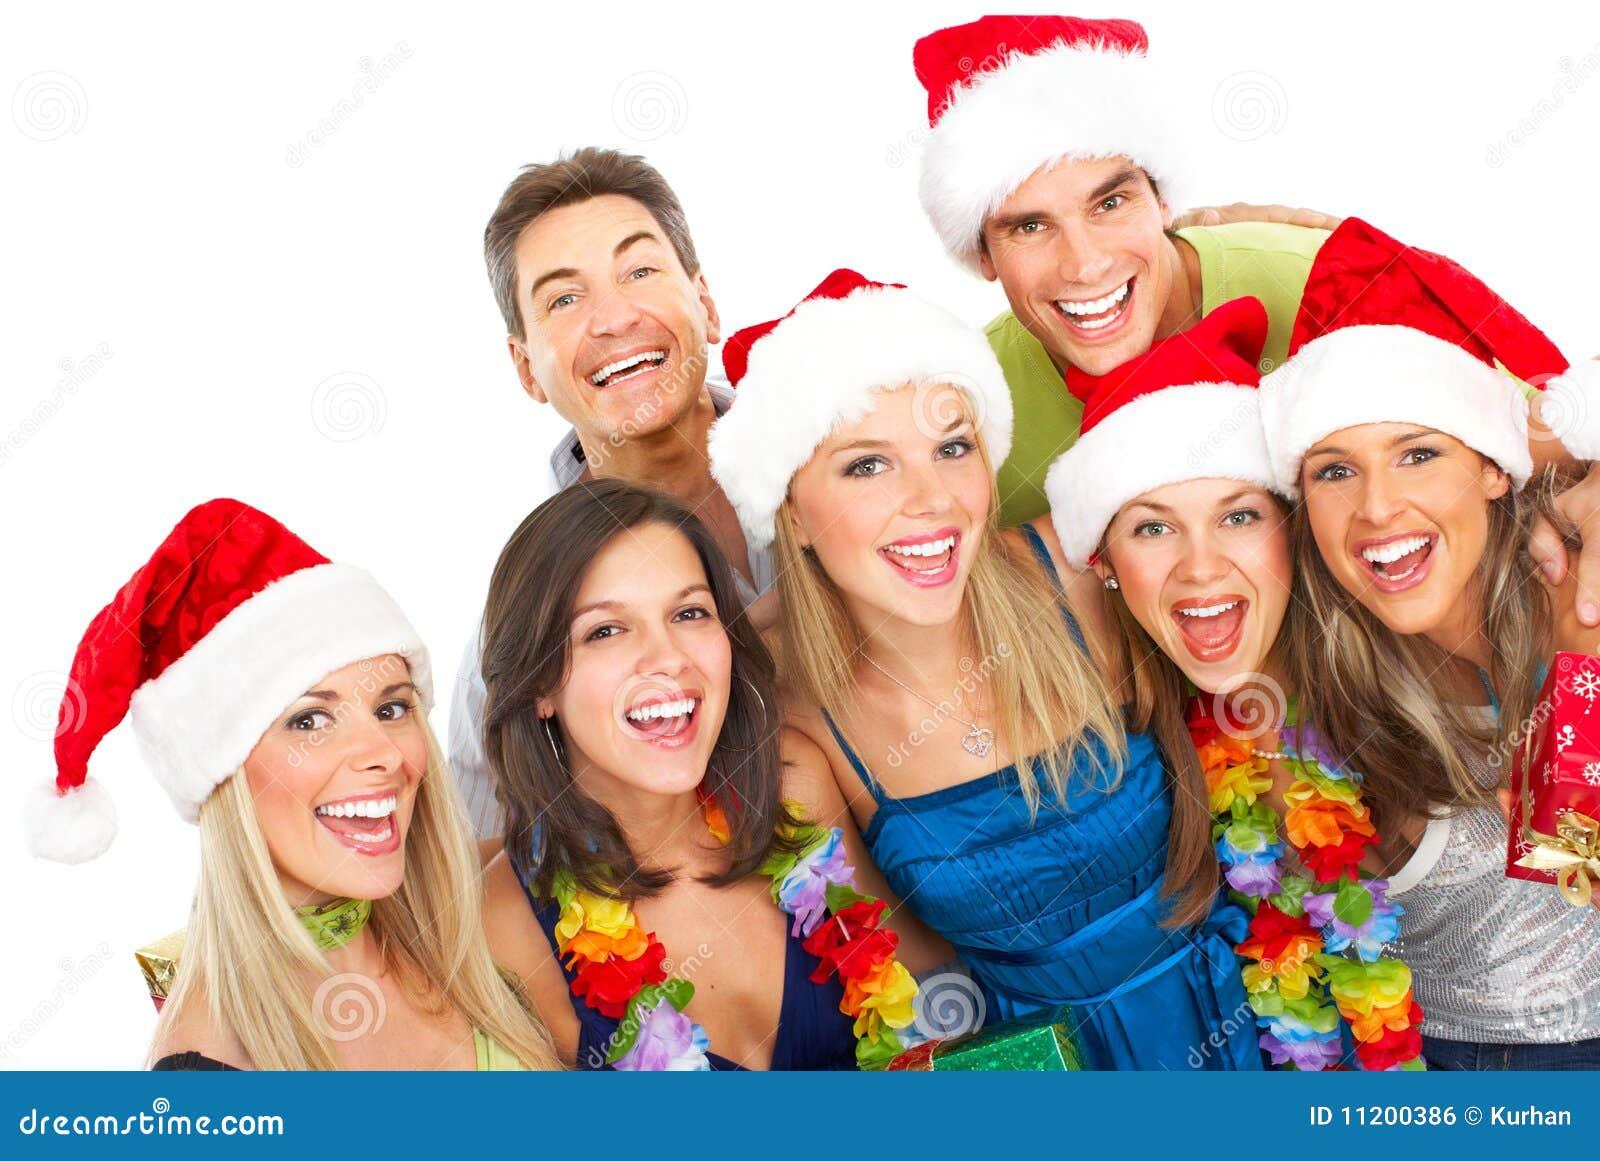 happy-people-11200386.jpg